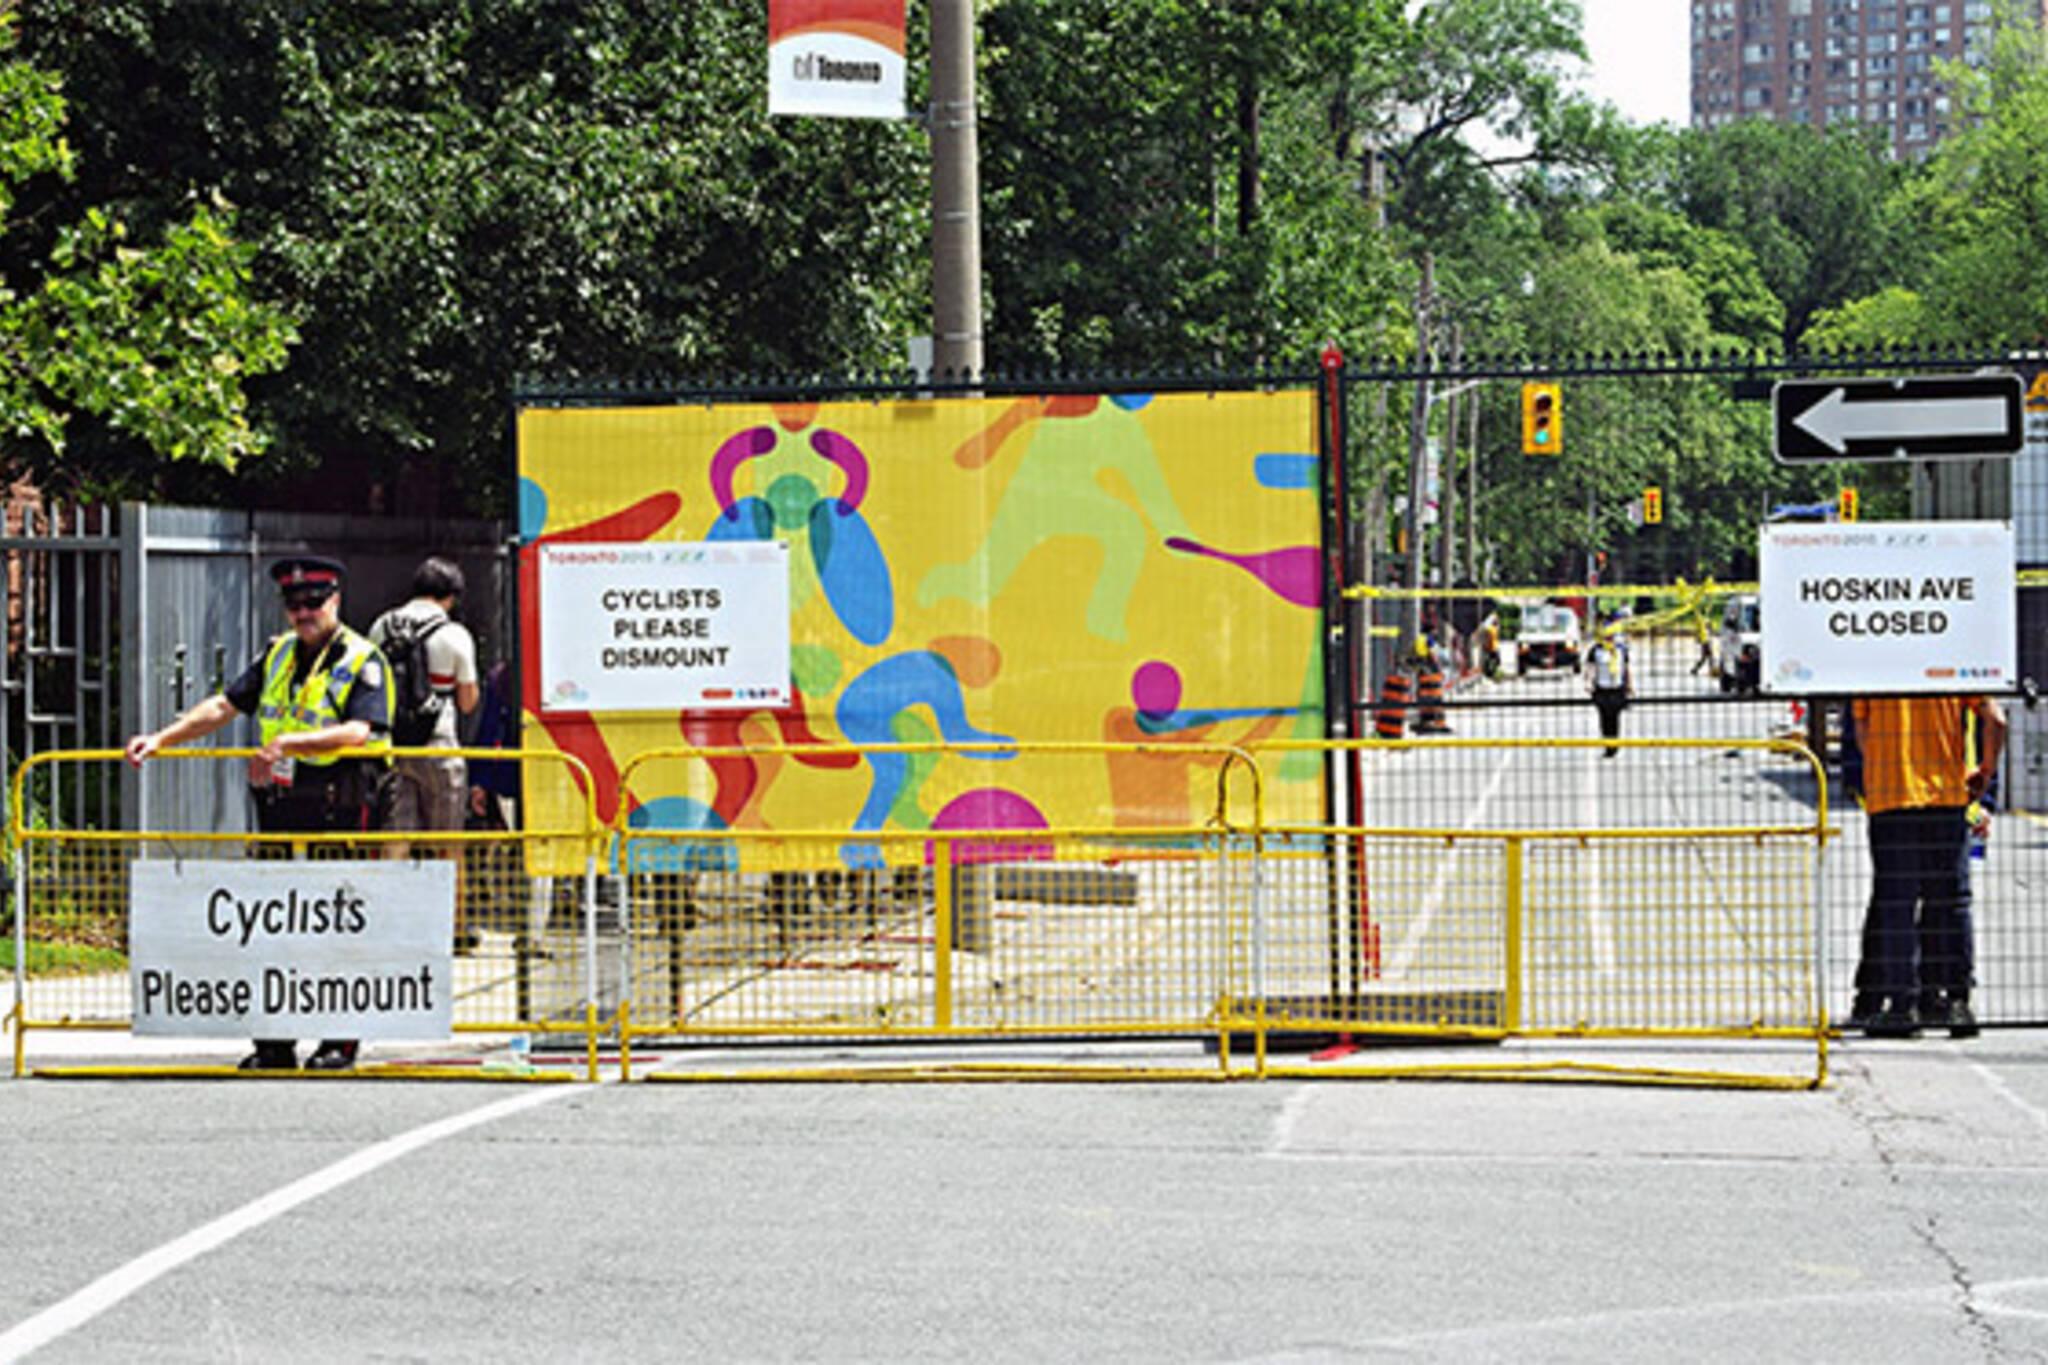 pan am games road closures